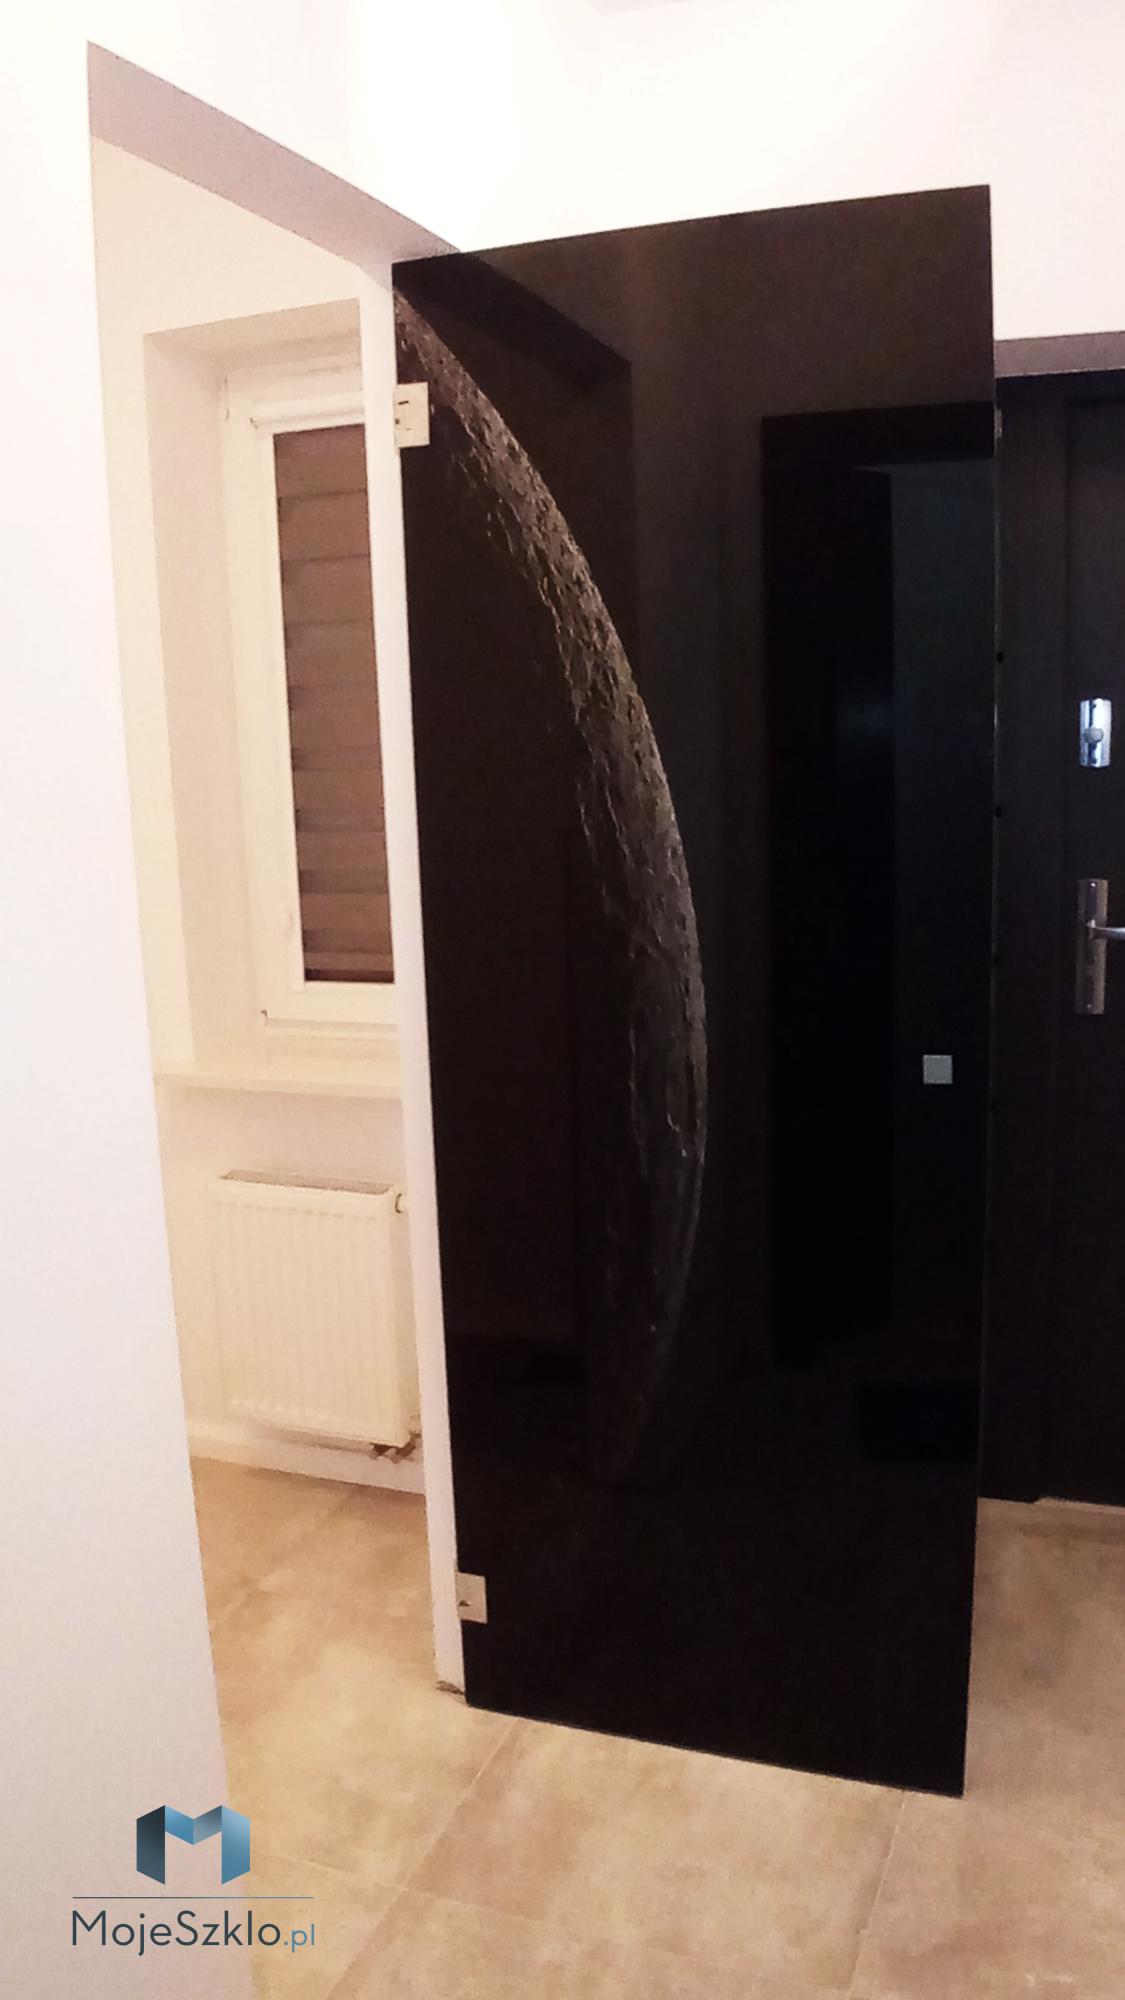 Drzwi szklane z nadrukiem - Krakow Malopolska